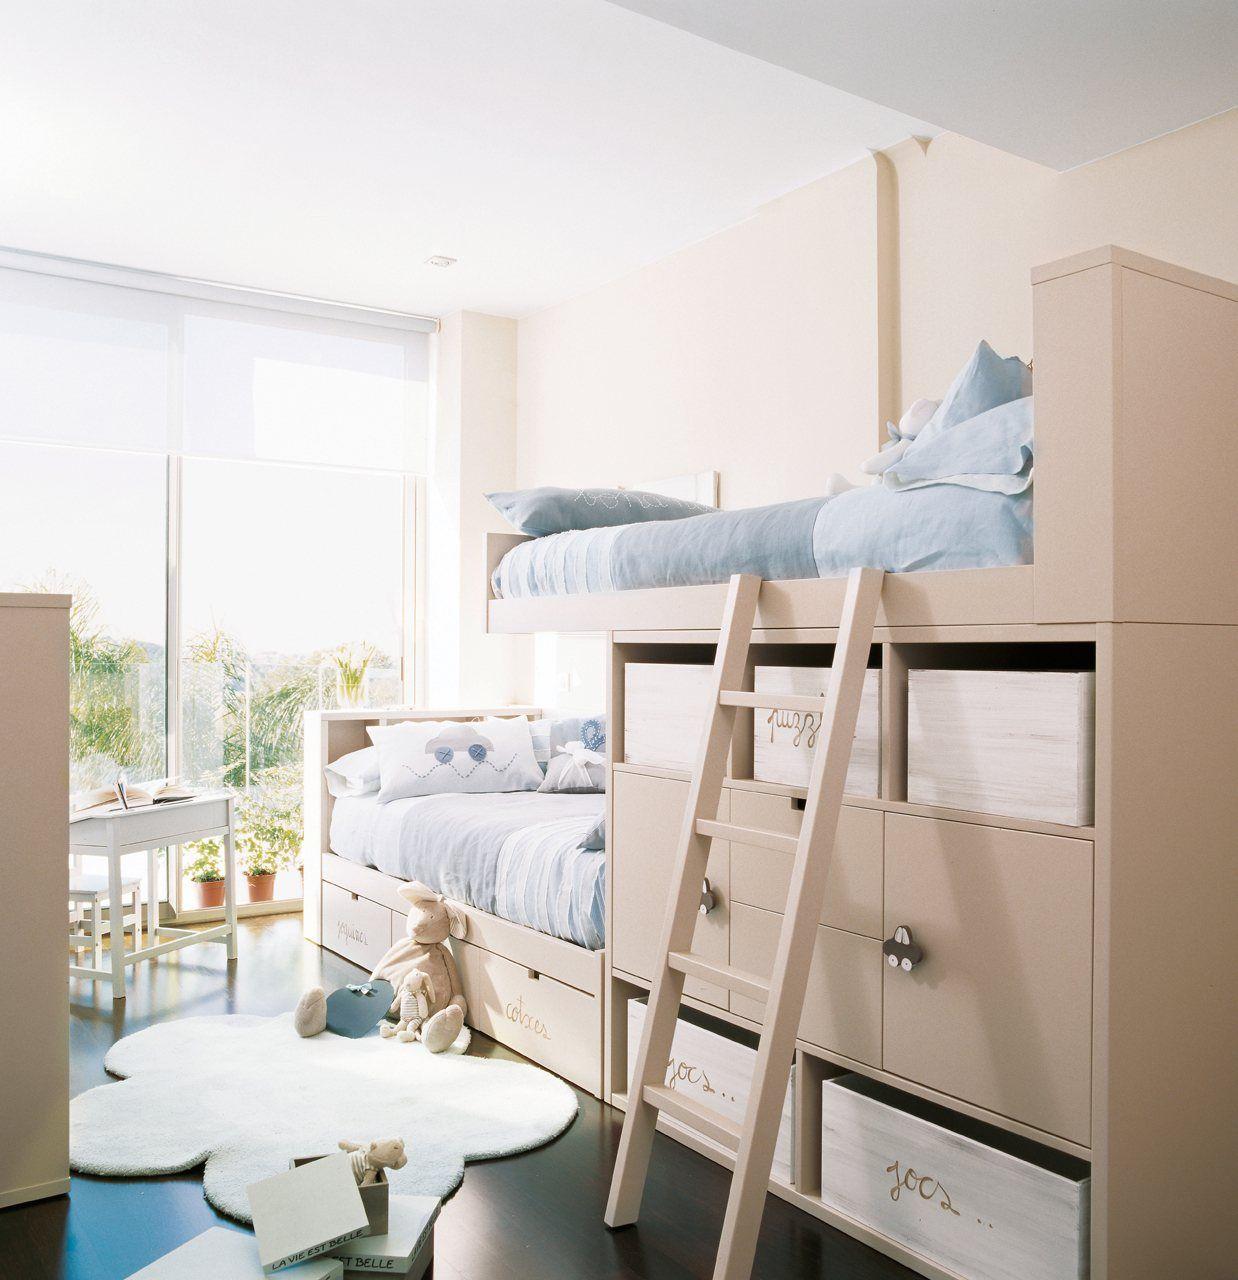 Claves para decorar la habitación infantil | Pequeños armarios ...